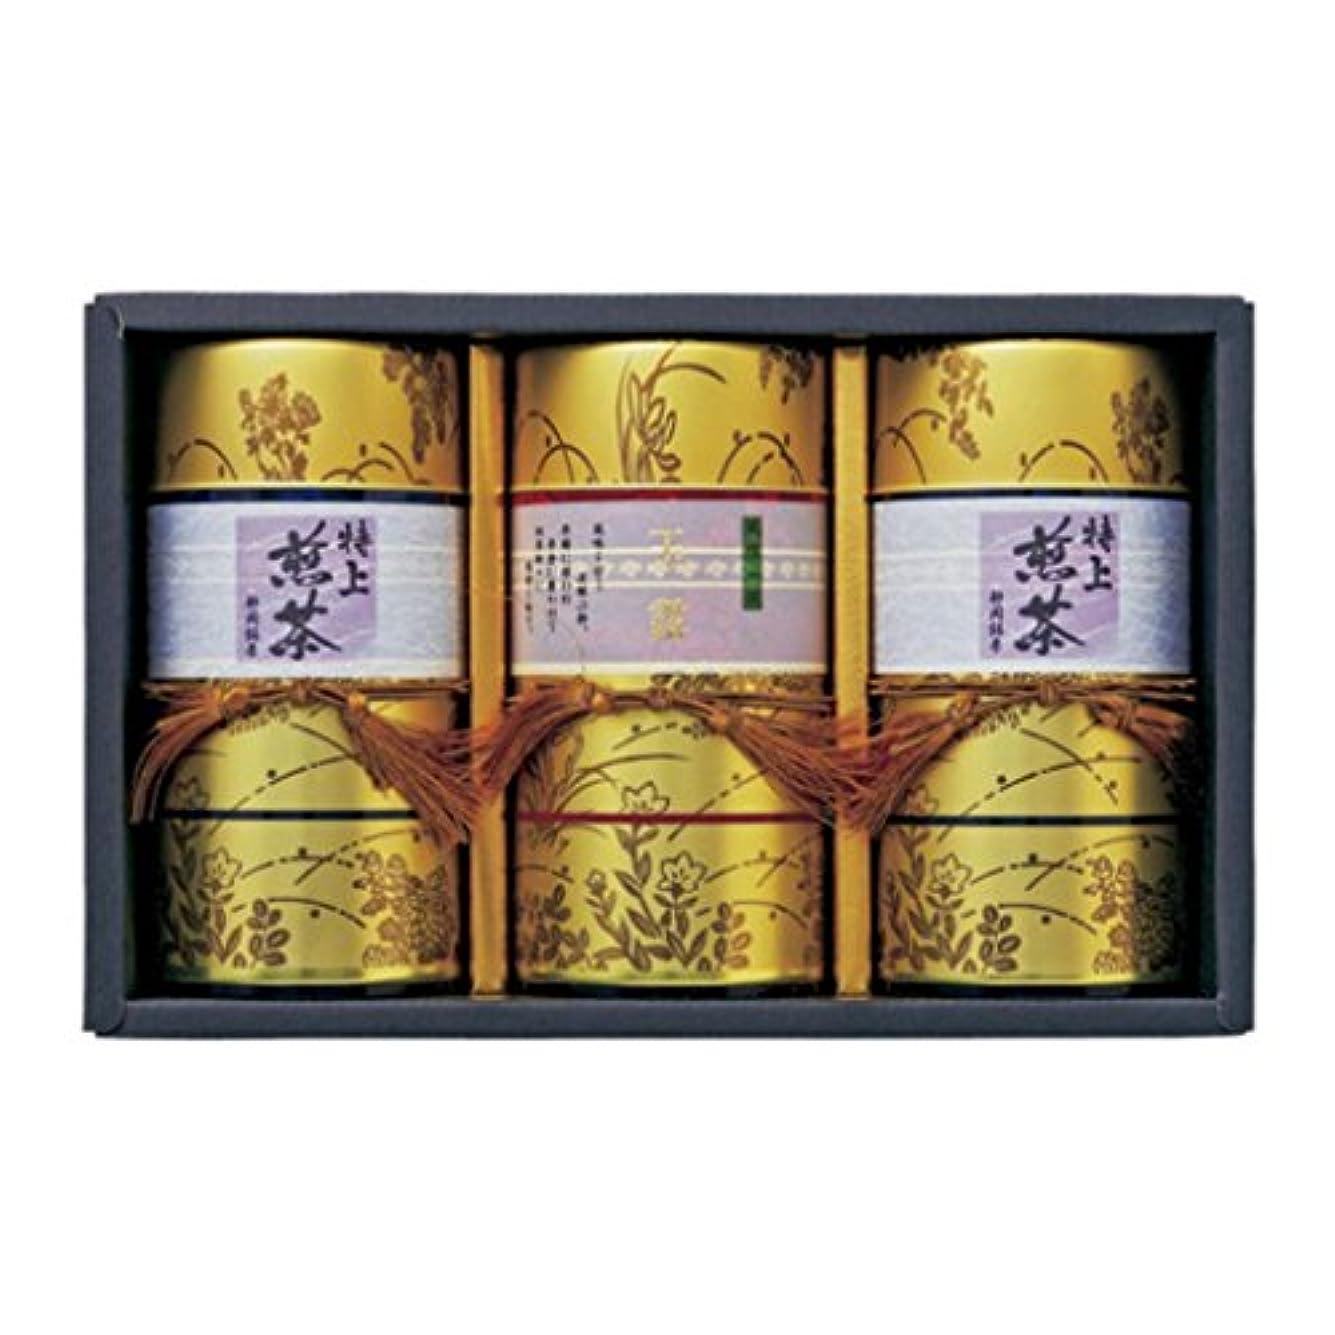 ポルノレコーダージャケット静岡銘茶 詰合せ B171-05